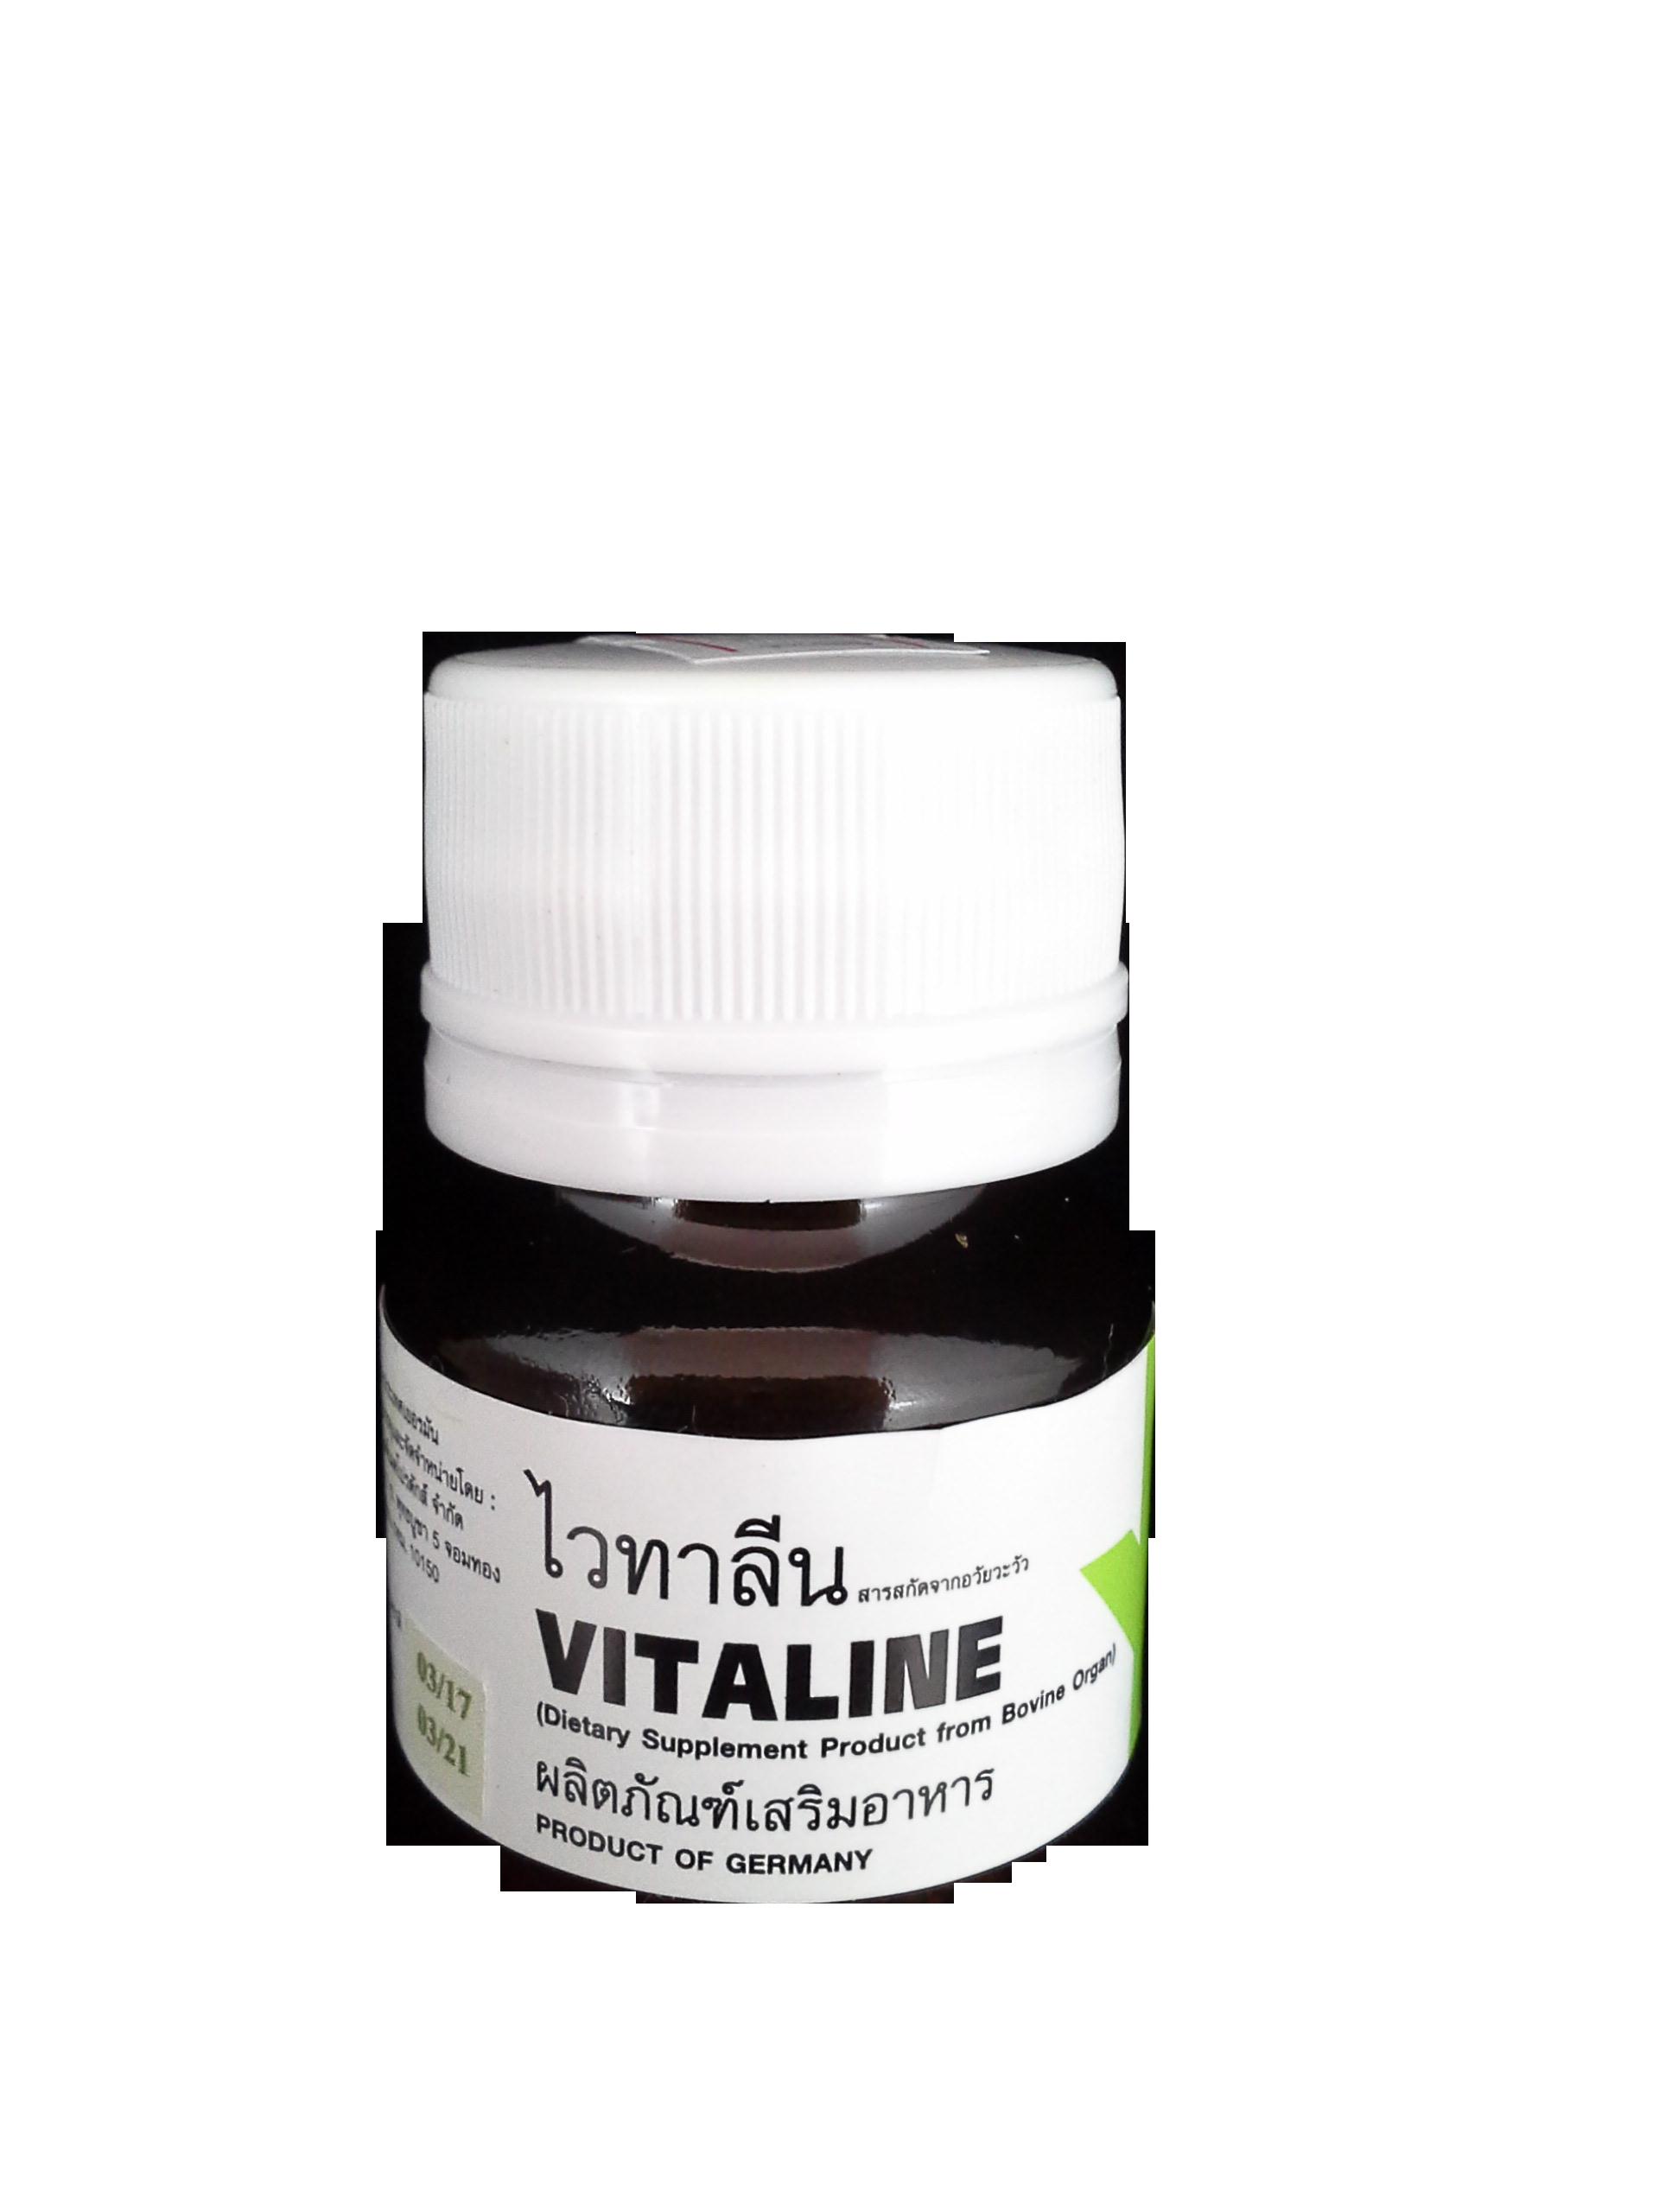 VITALINE (ไวทาลีน) 20 capsules